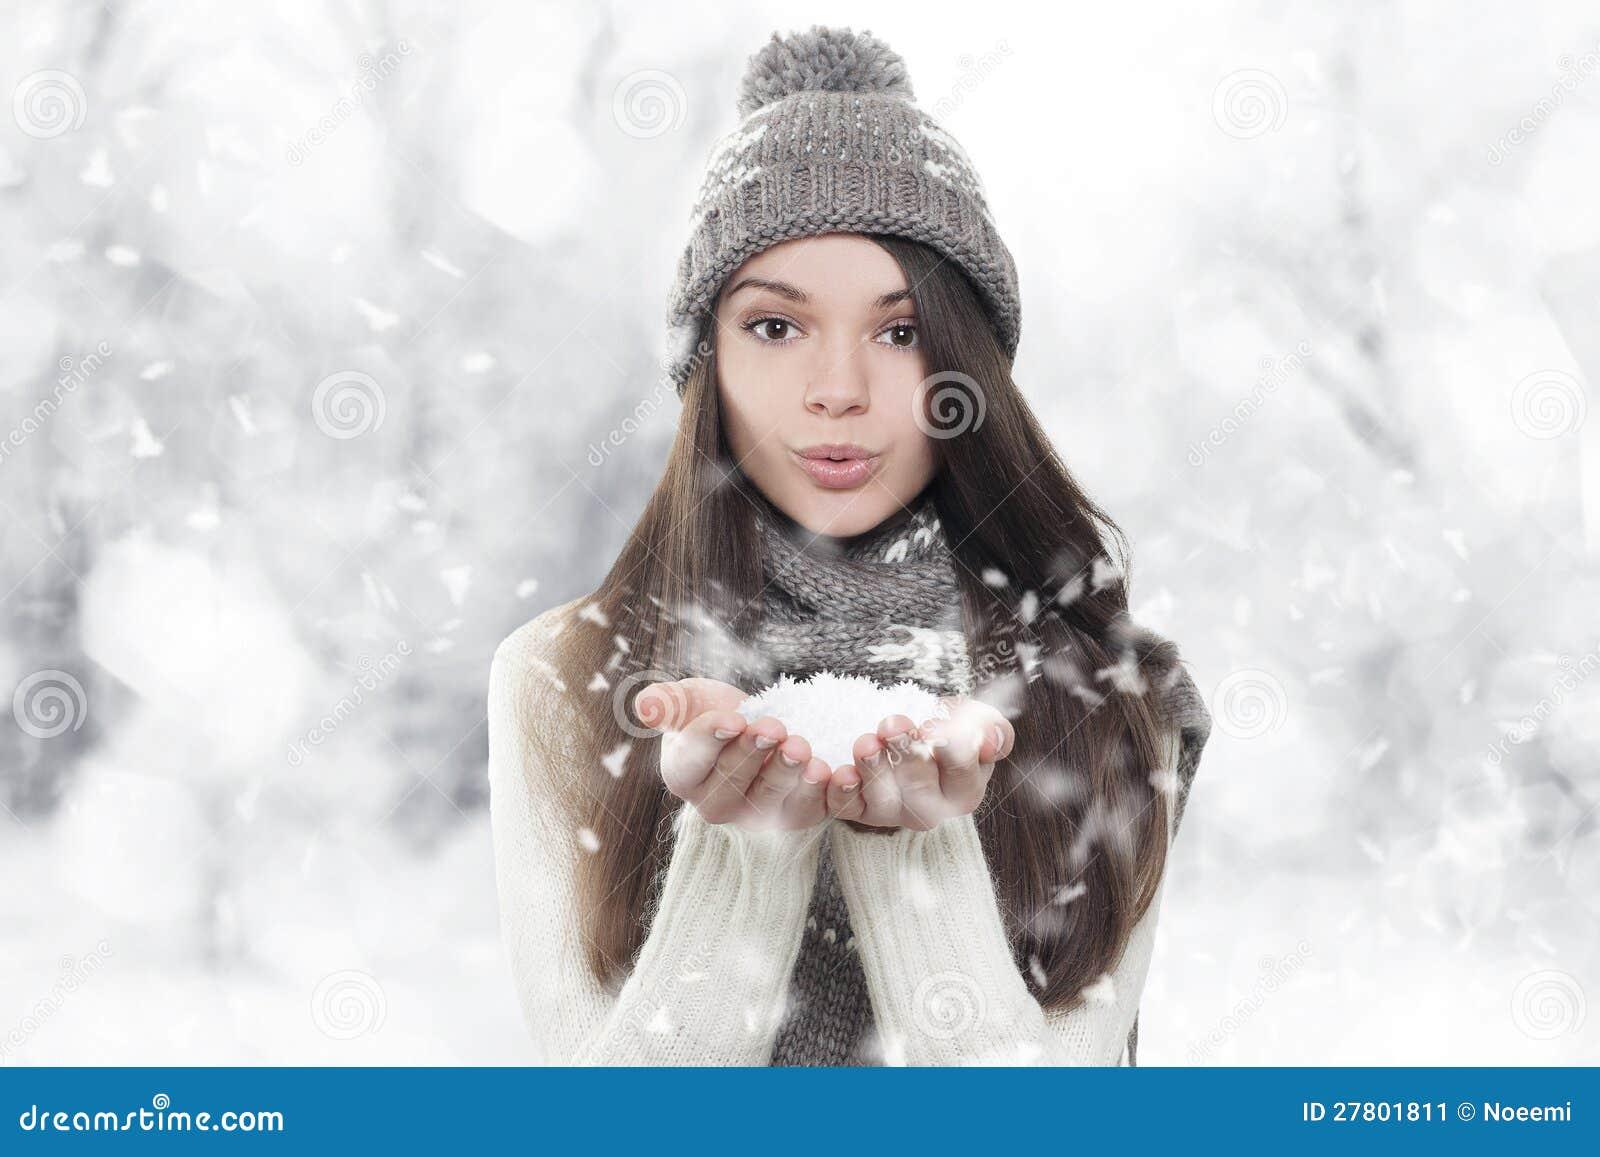 Retrato do inverno. Neve de sopro da mulher nova, bonita